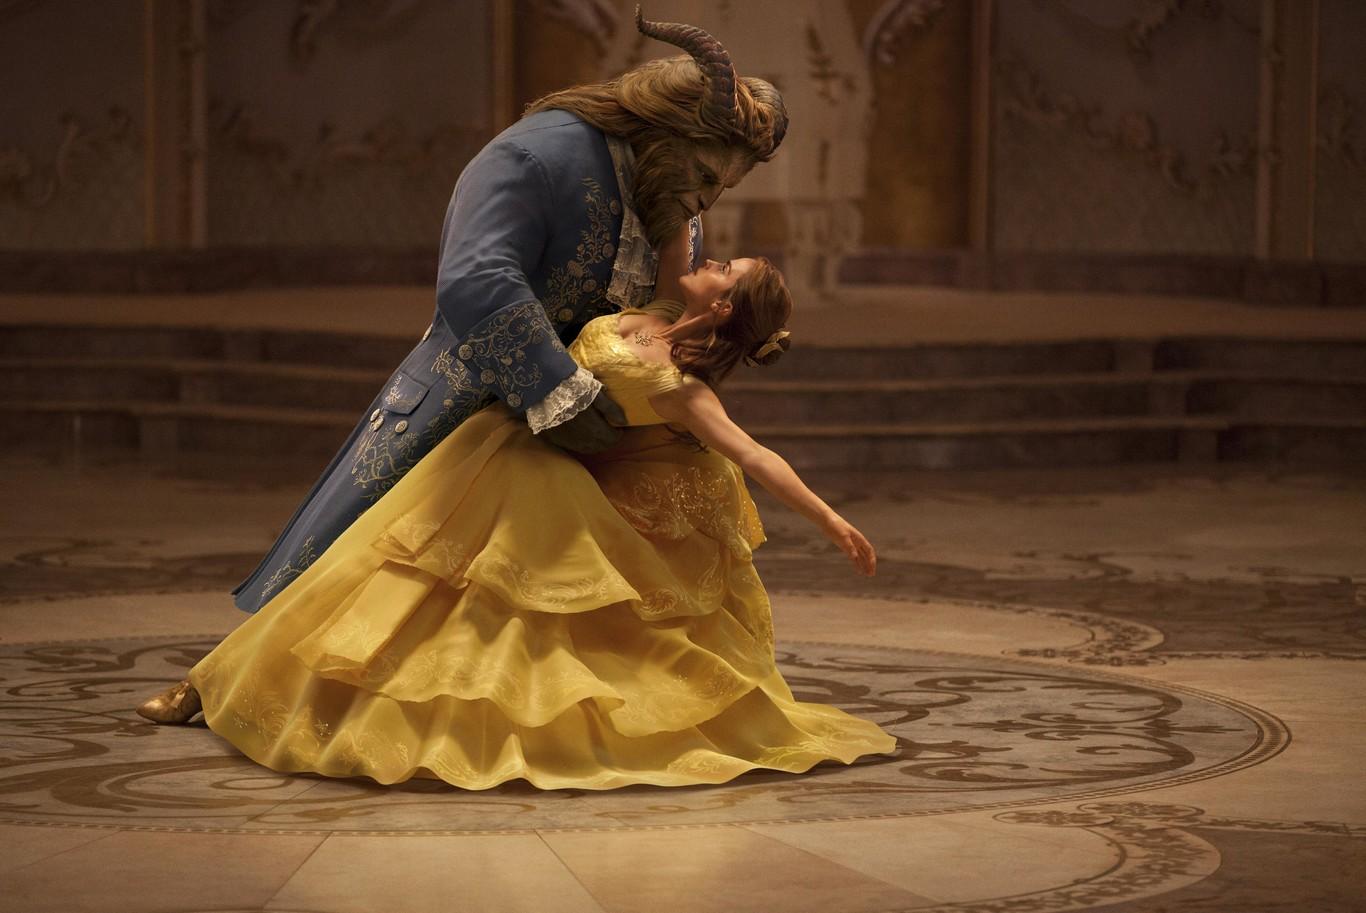 94e00881a El vestuario de  La Bella y la Bestia  es así de fascinante. Todas queremos  ser Emma Watson y llevar el vestido amarillo